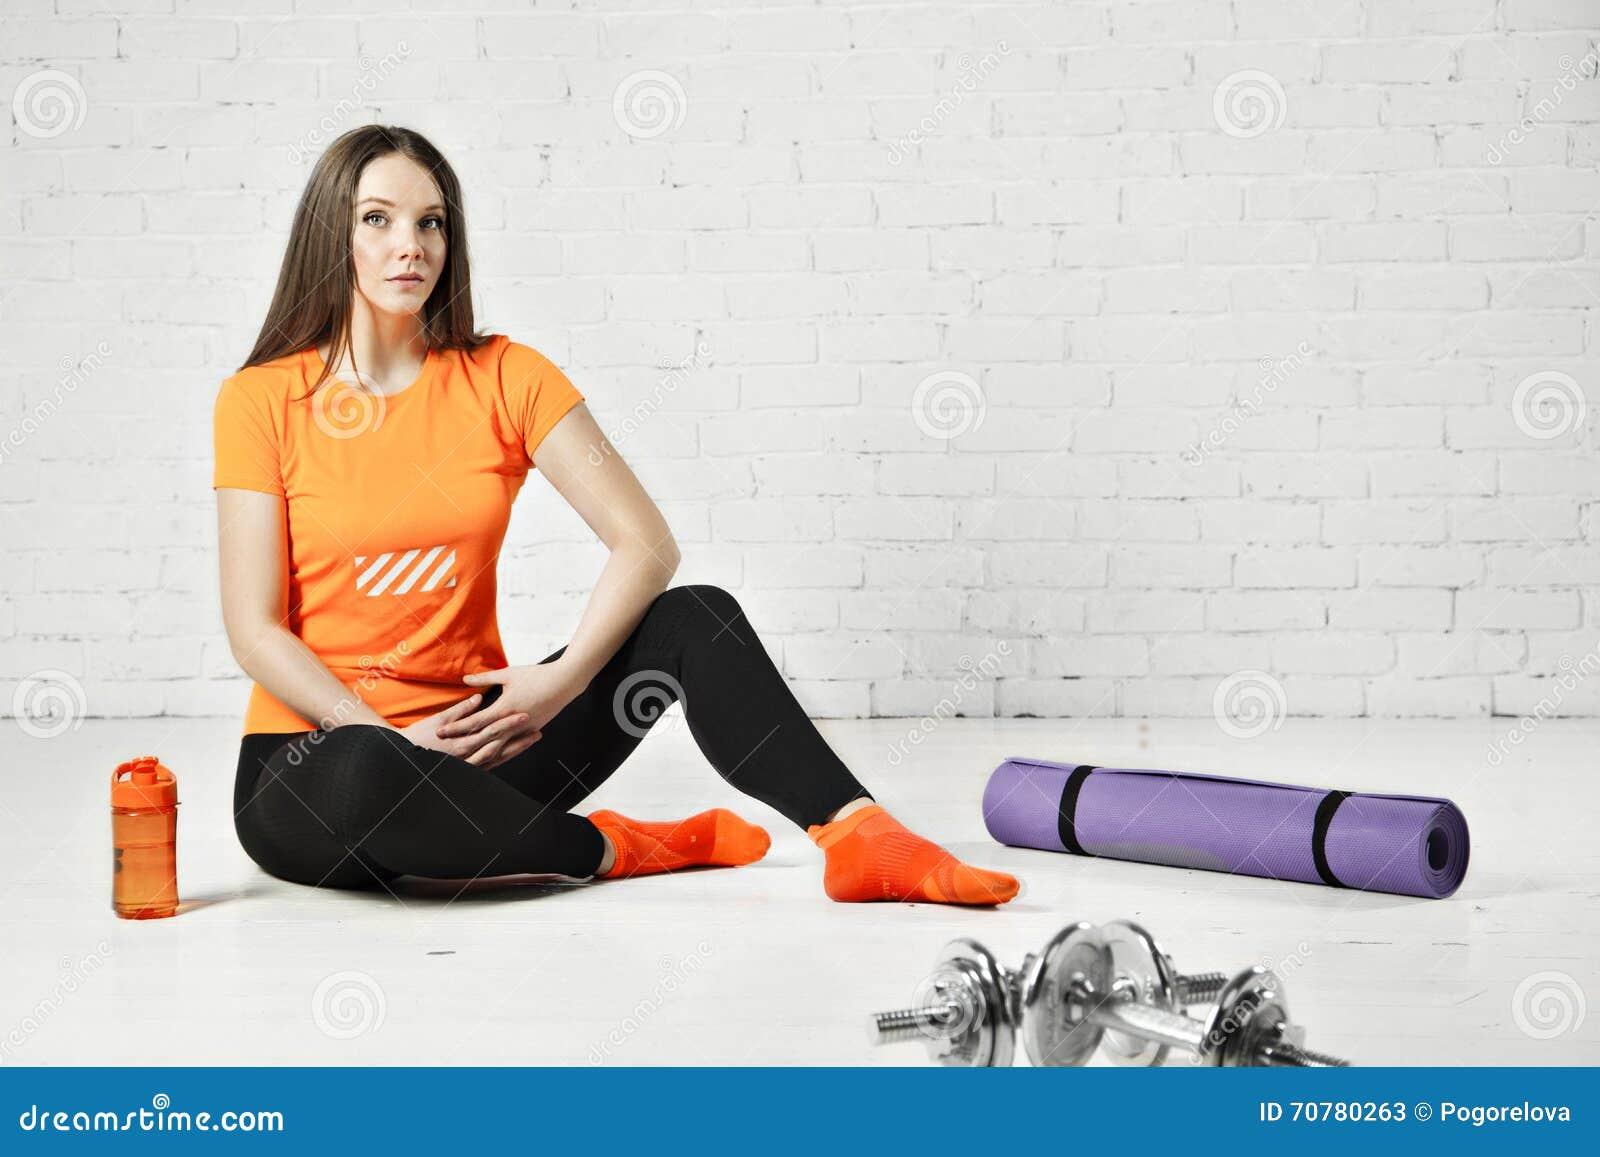 Färdig kvinna för sport som poserar i en idrottshall med utrustning, hanteln och det utbildande blocket